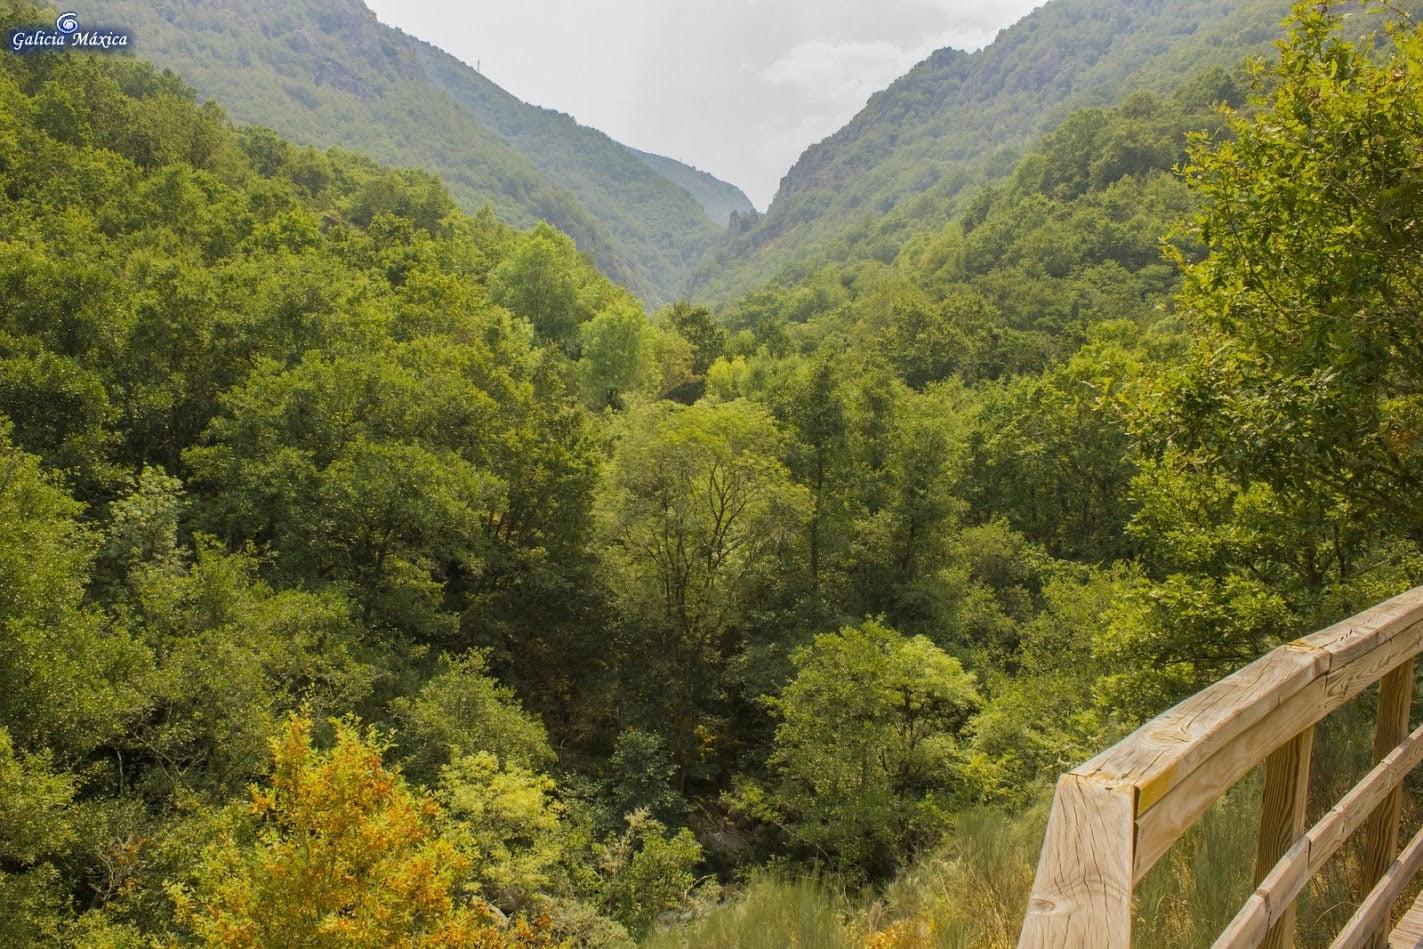 Valle del Mao